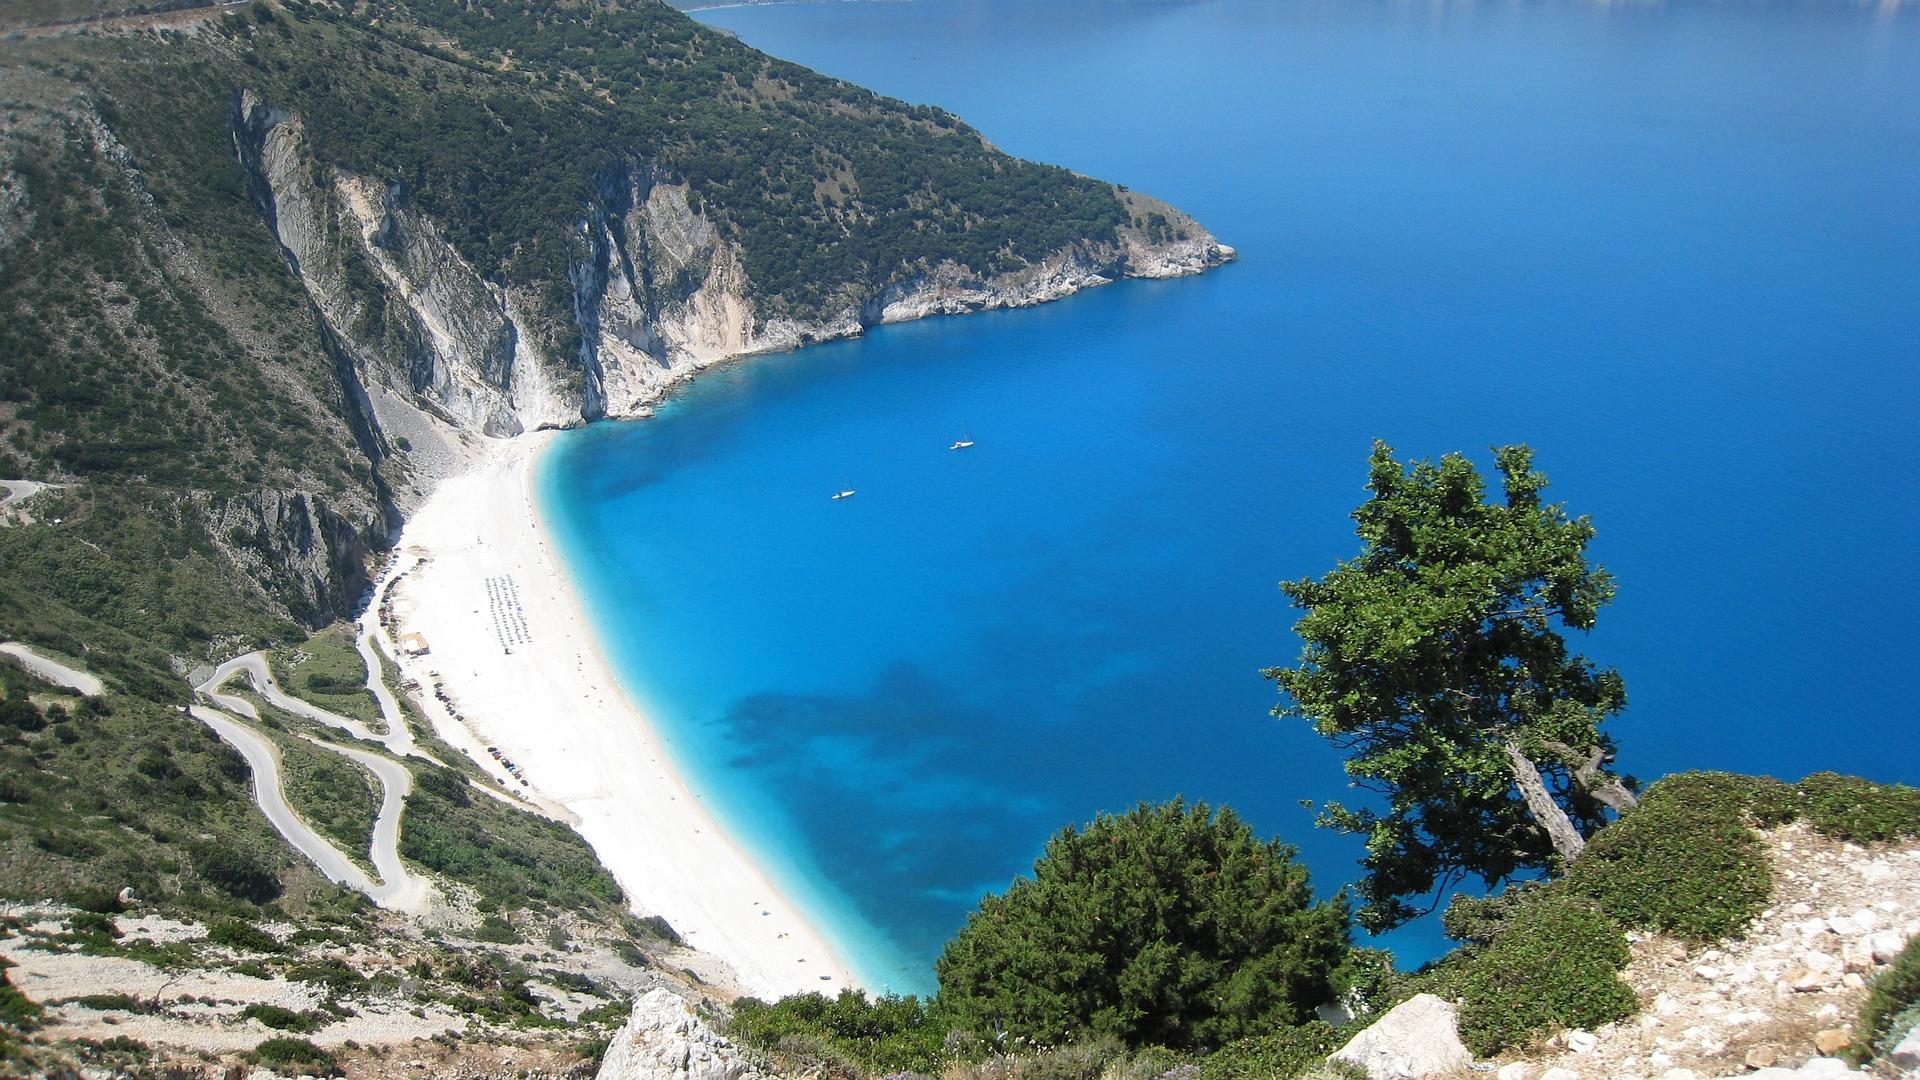 Am 2 Sterne Hotel Lara befindet sich unmittelbar diese wundervolle Bucht